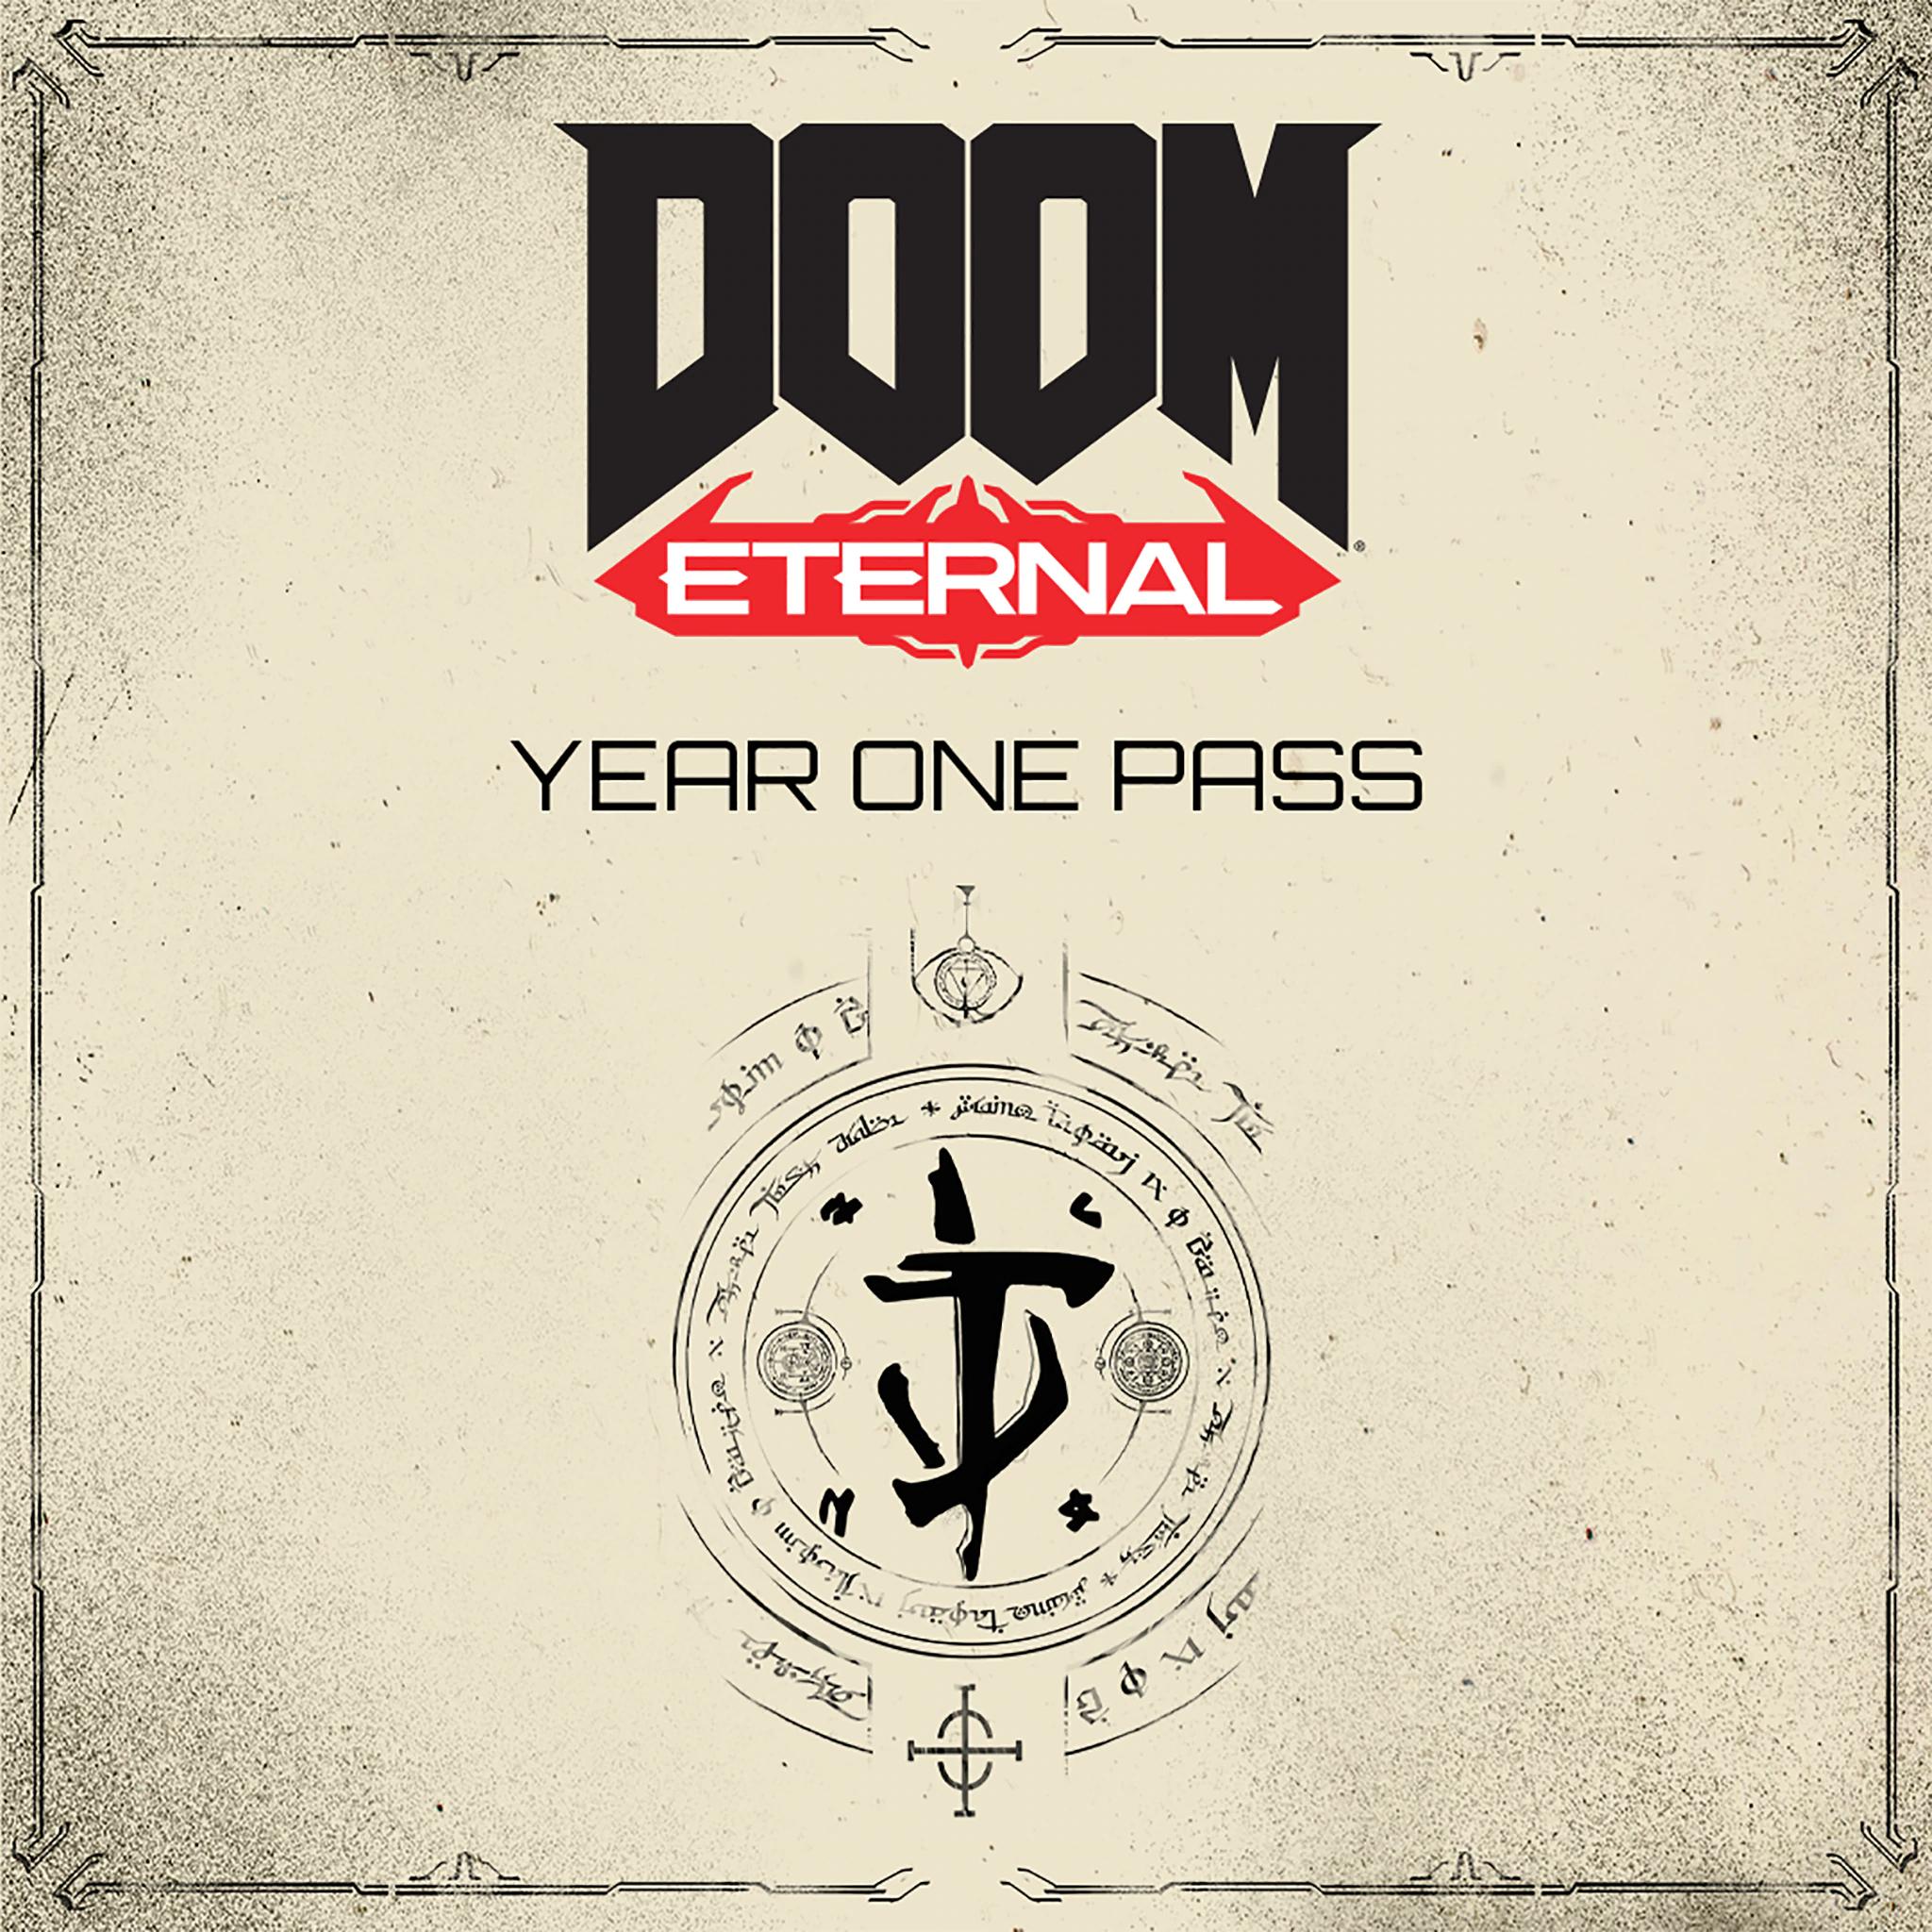 Sélection de jeux PC en promotion (Dématérialisé) - Ex: Doom Eternal: Pass Year One